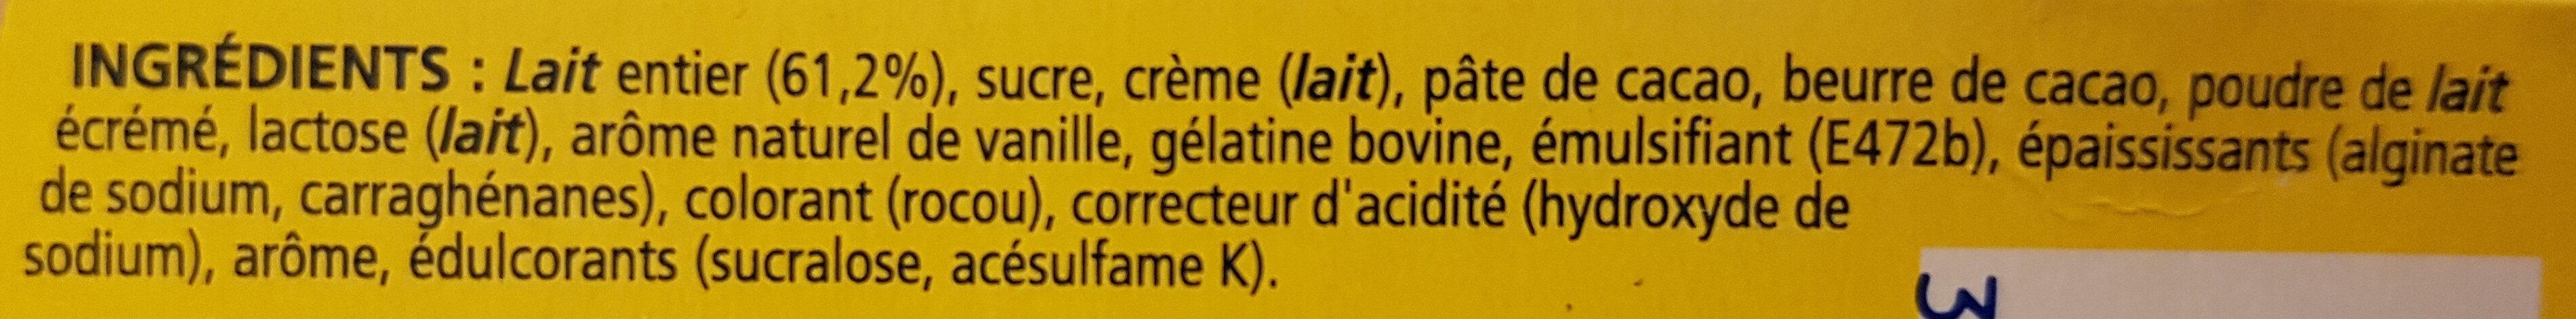 Feuilleté de Mousse Vanille - Ingrédients - fr